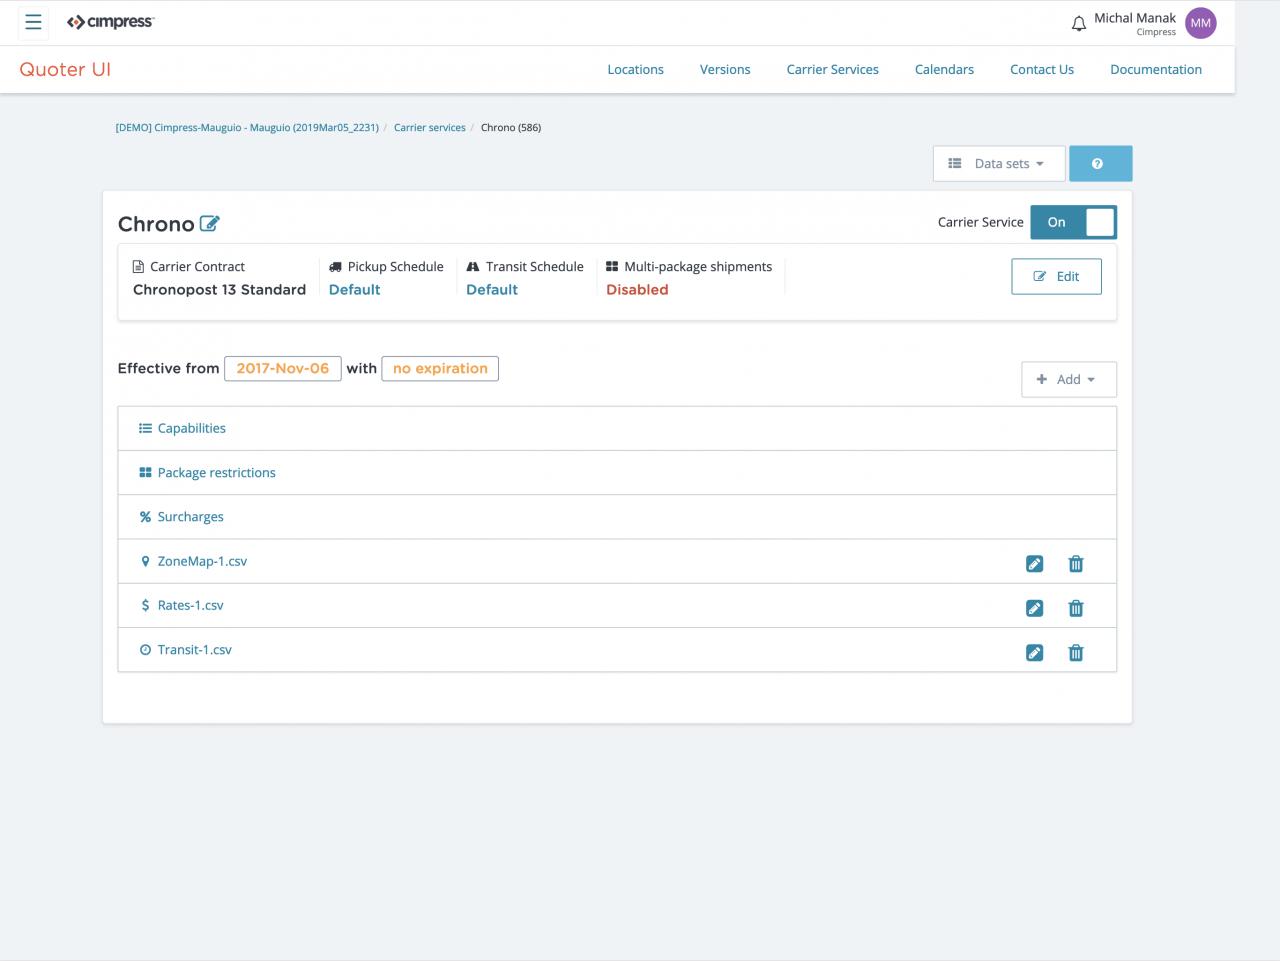 Jak vypadá stránka pro konfiguraci dopravce ve zmíněné aplikaci.